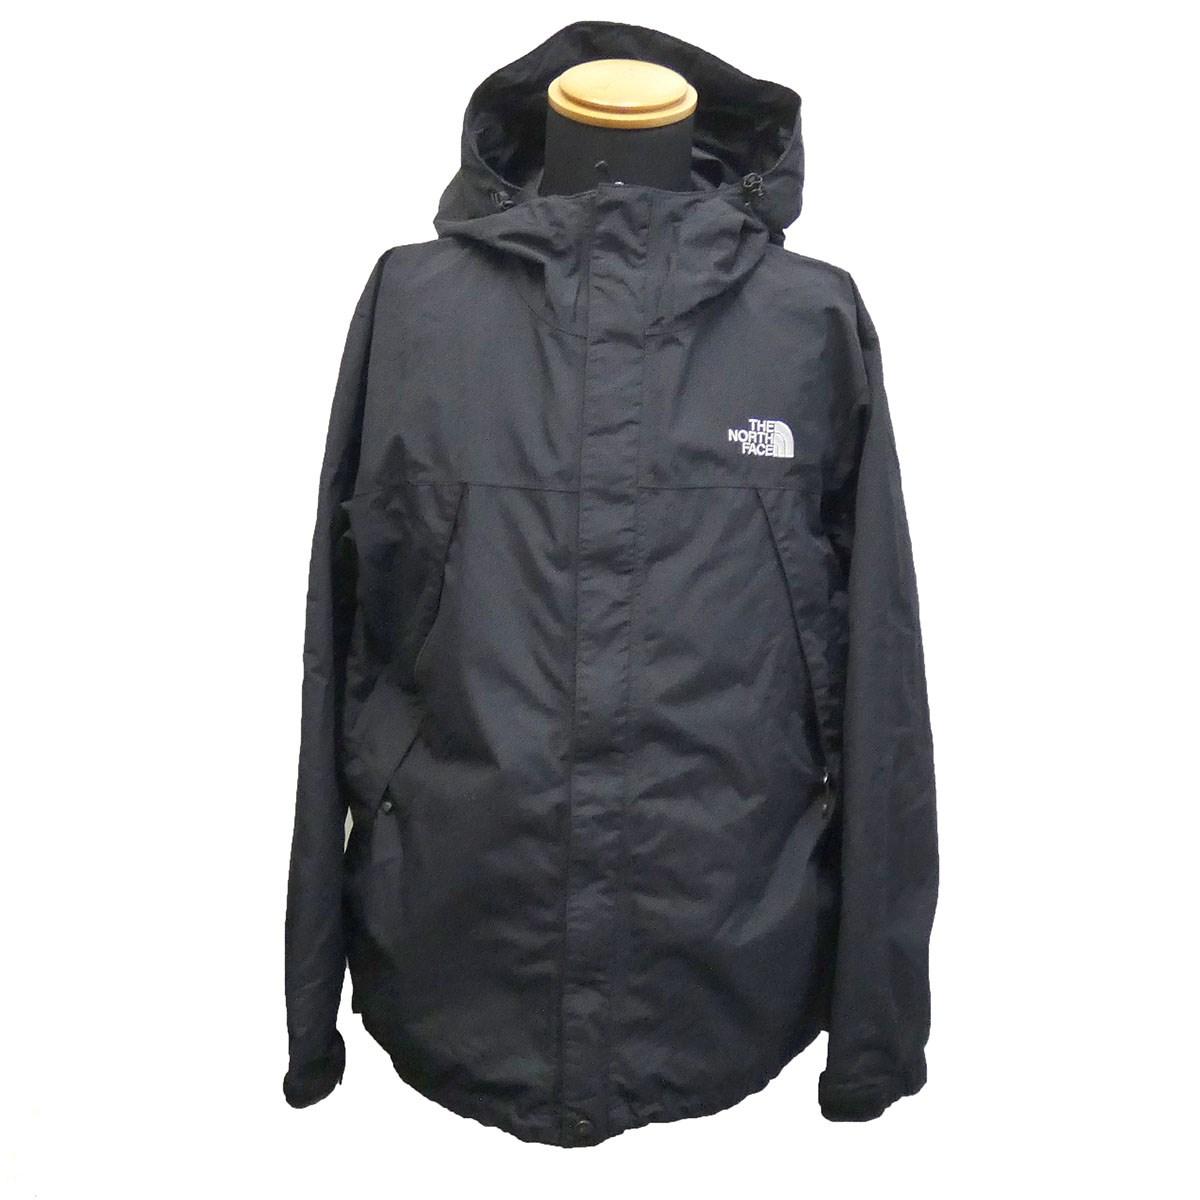 【中古】THE NORTH FACE 「Scoop Jacket」 スクープジャケット NP61520 ブラック サイズ:M 【080520】(ザノースフェイス)